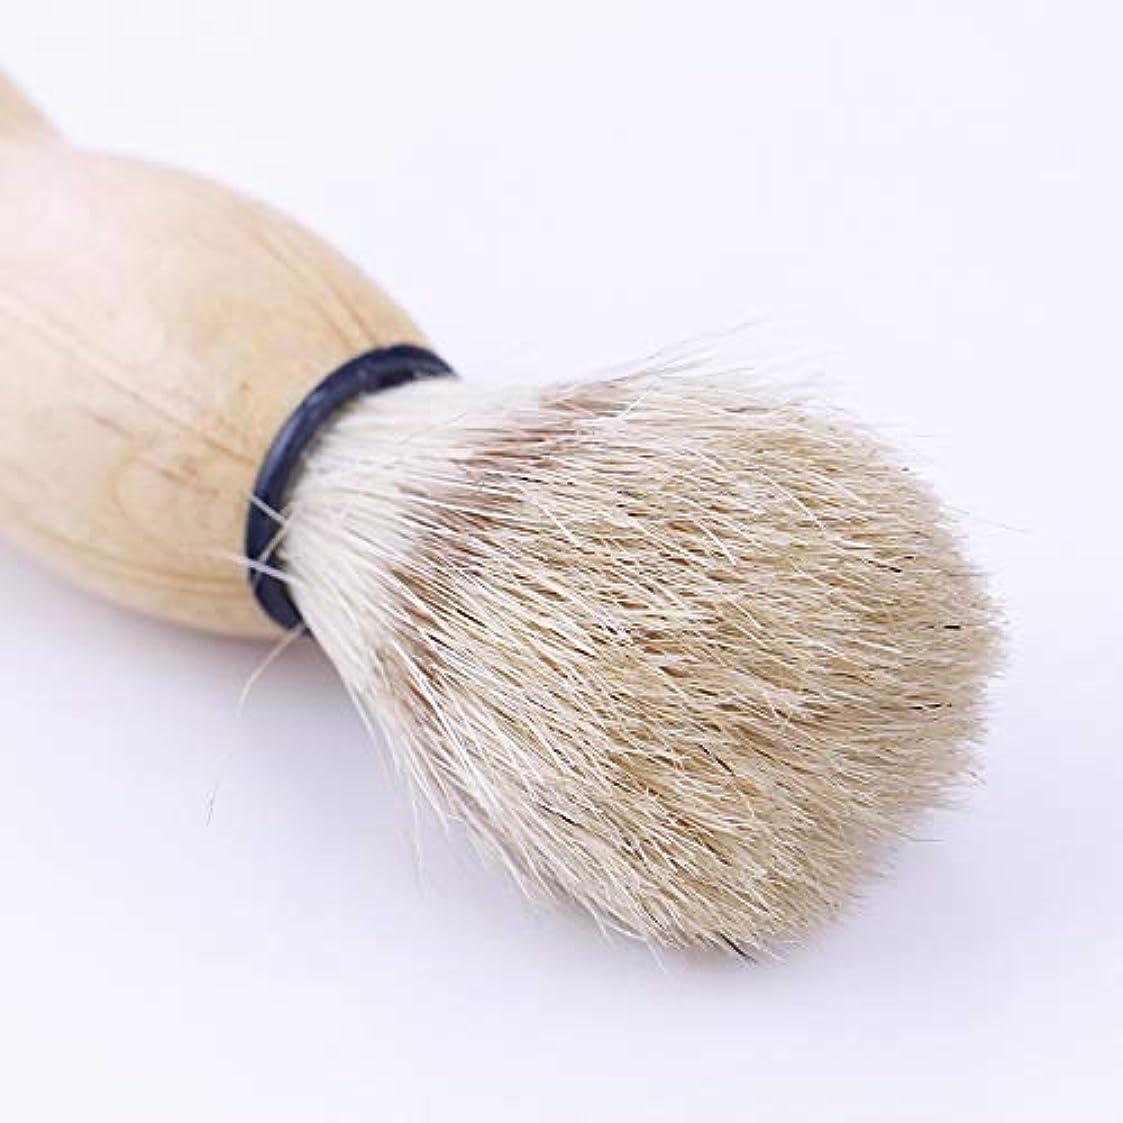 ファシズムる株式会社SMTHOME シェービング用ブラシ メンズ 100% ウール毛 理容 洗顔 髭剃り 泡立ち